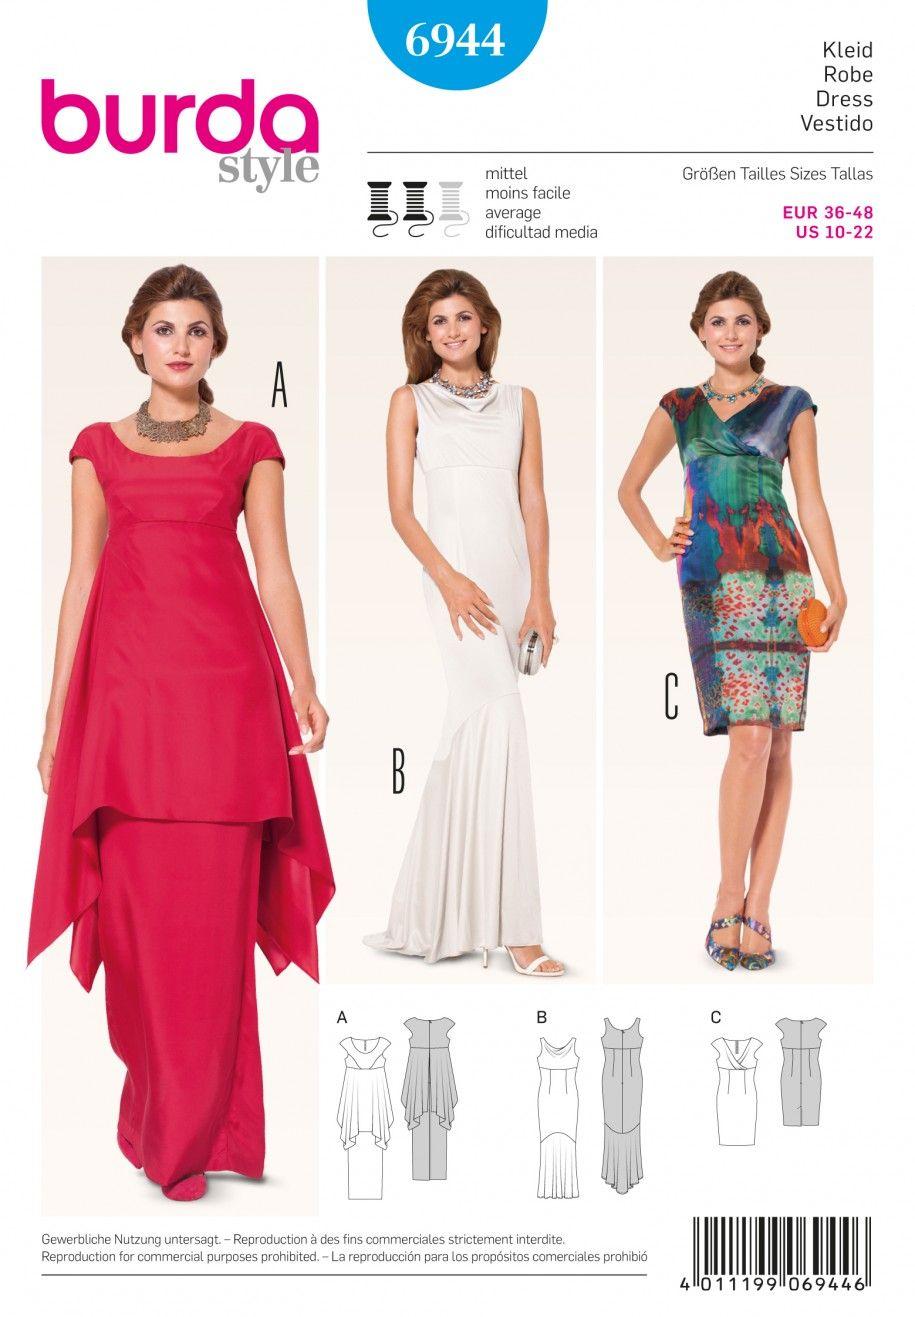 burda b6944 burda style evening & bridal wear sewing pattern